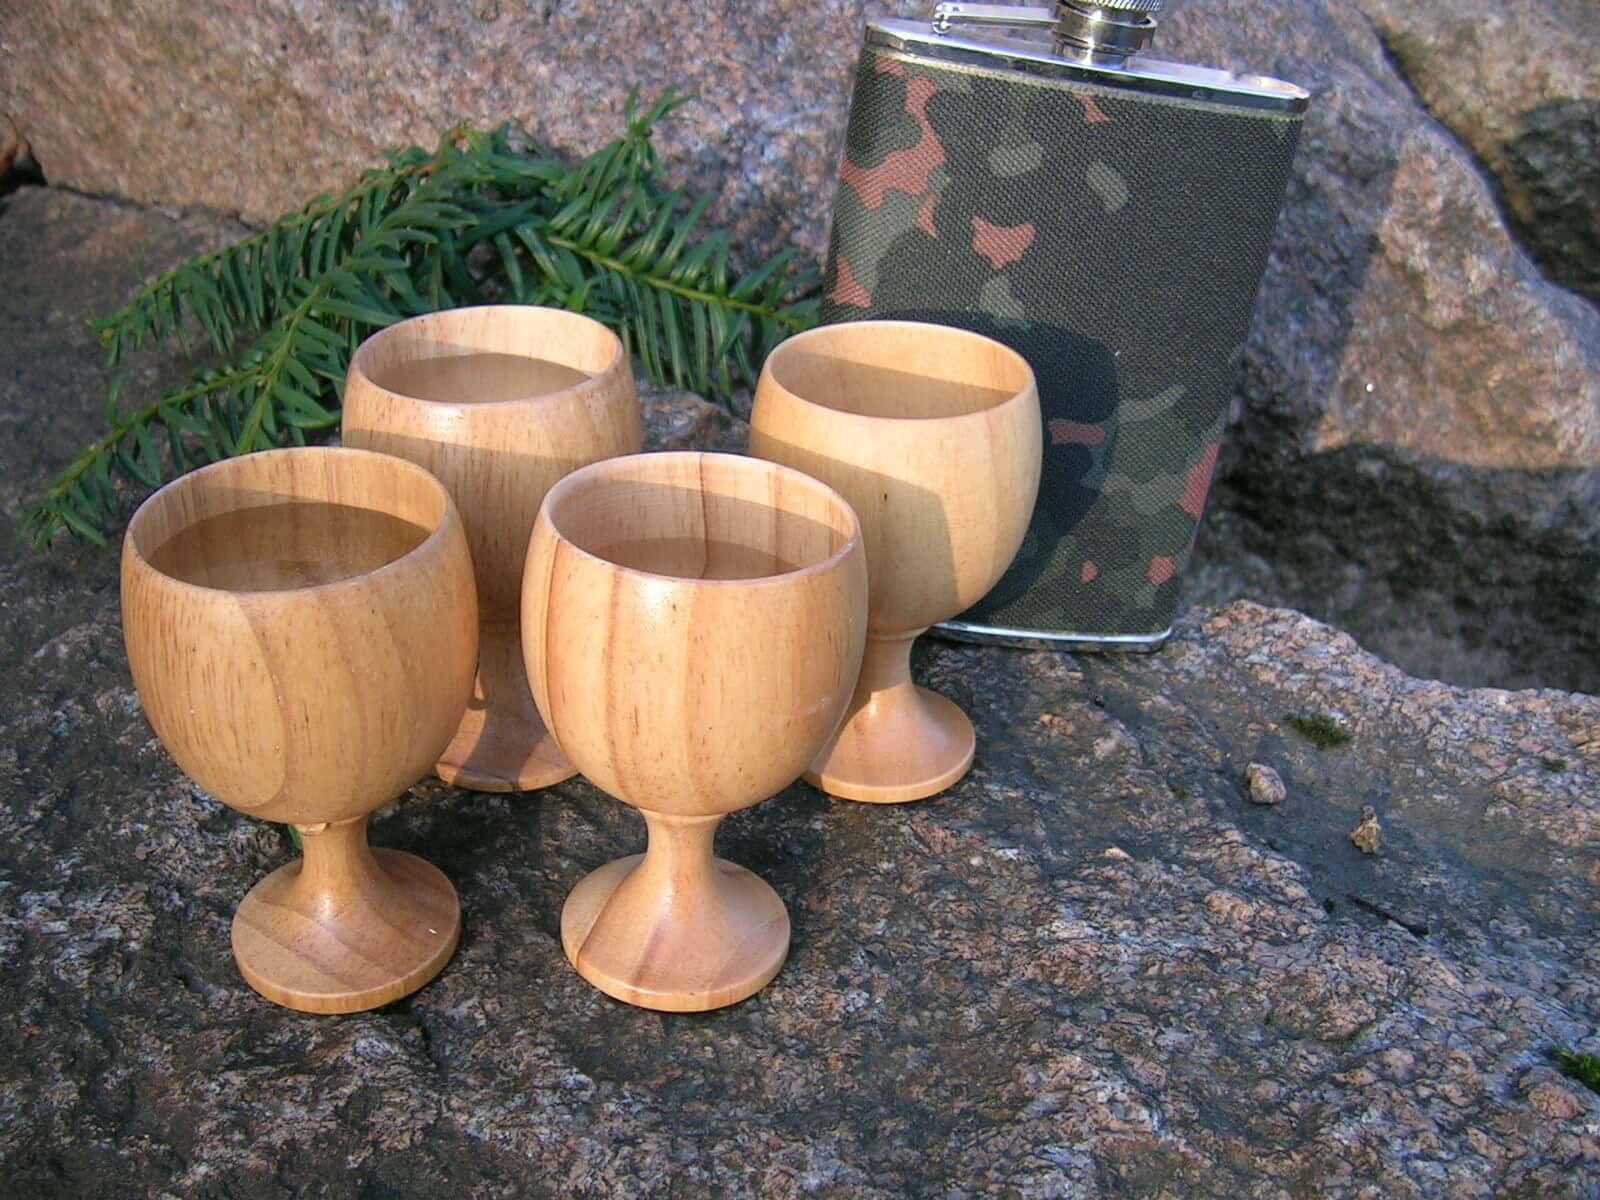 Bilde av 4 stk drammeglass i tre på stett